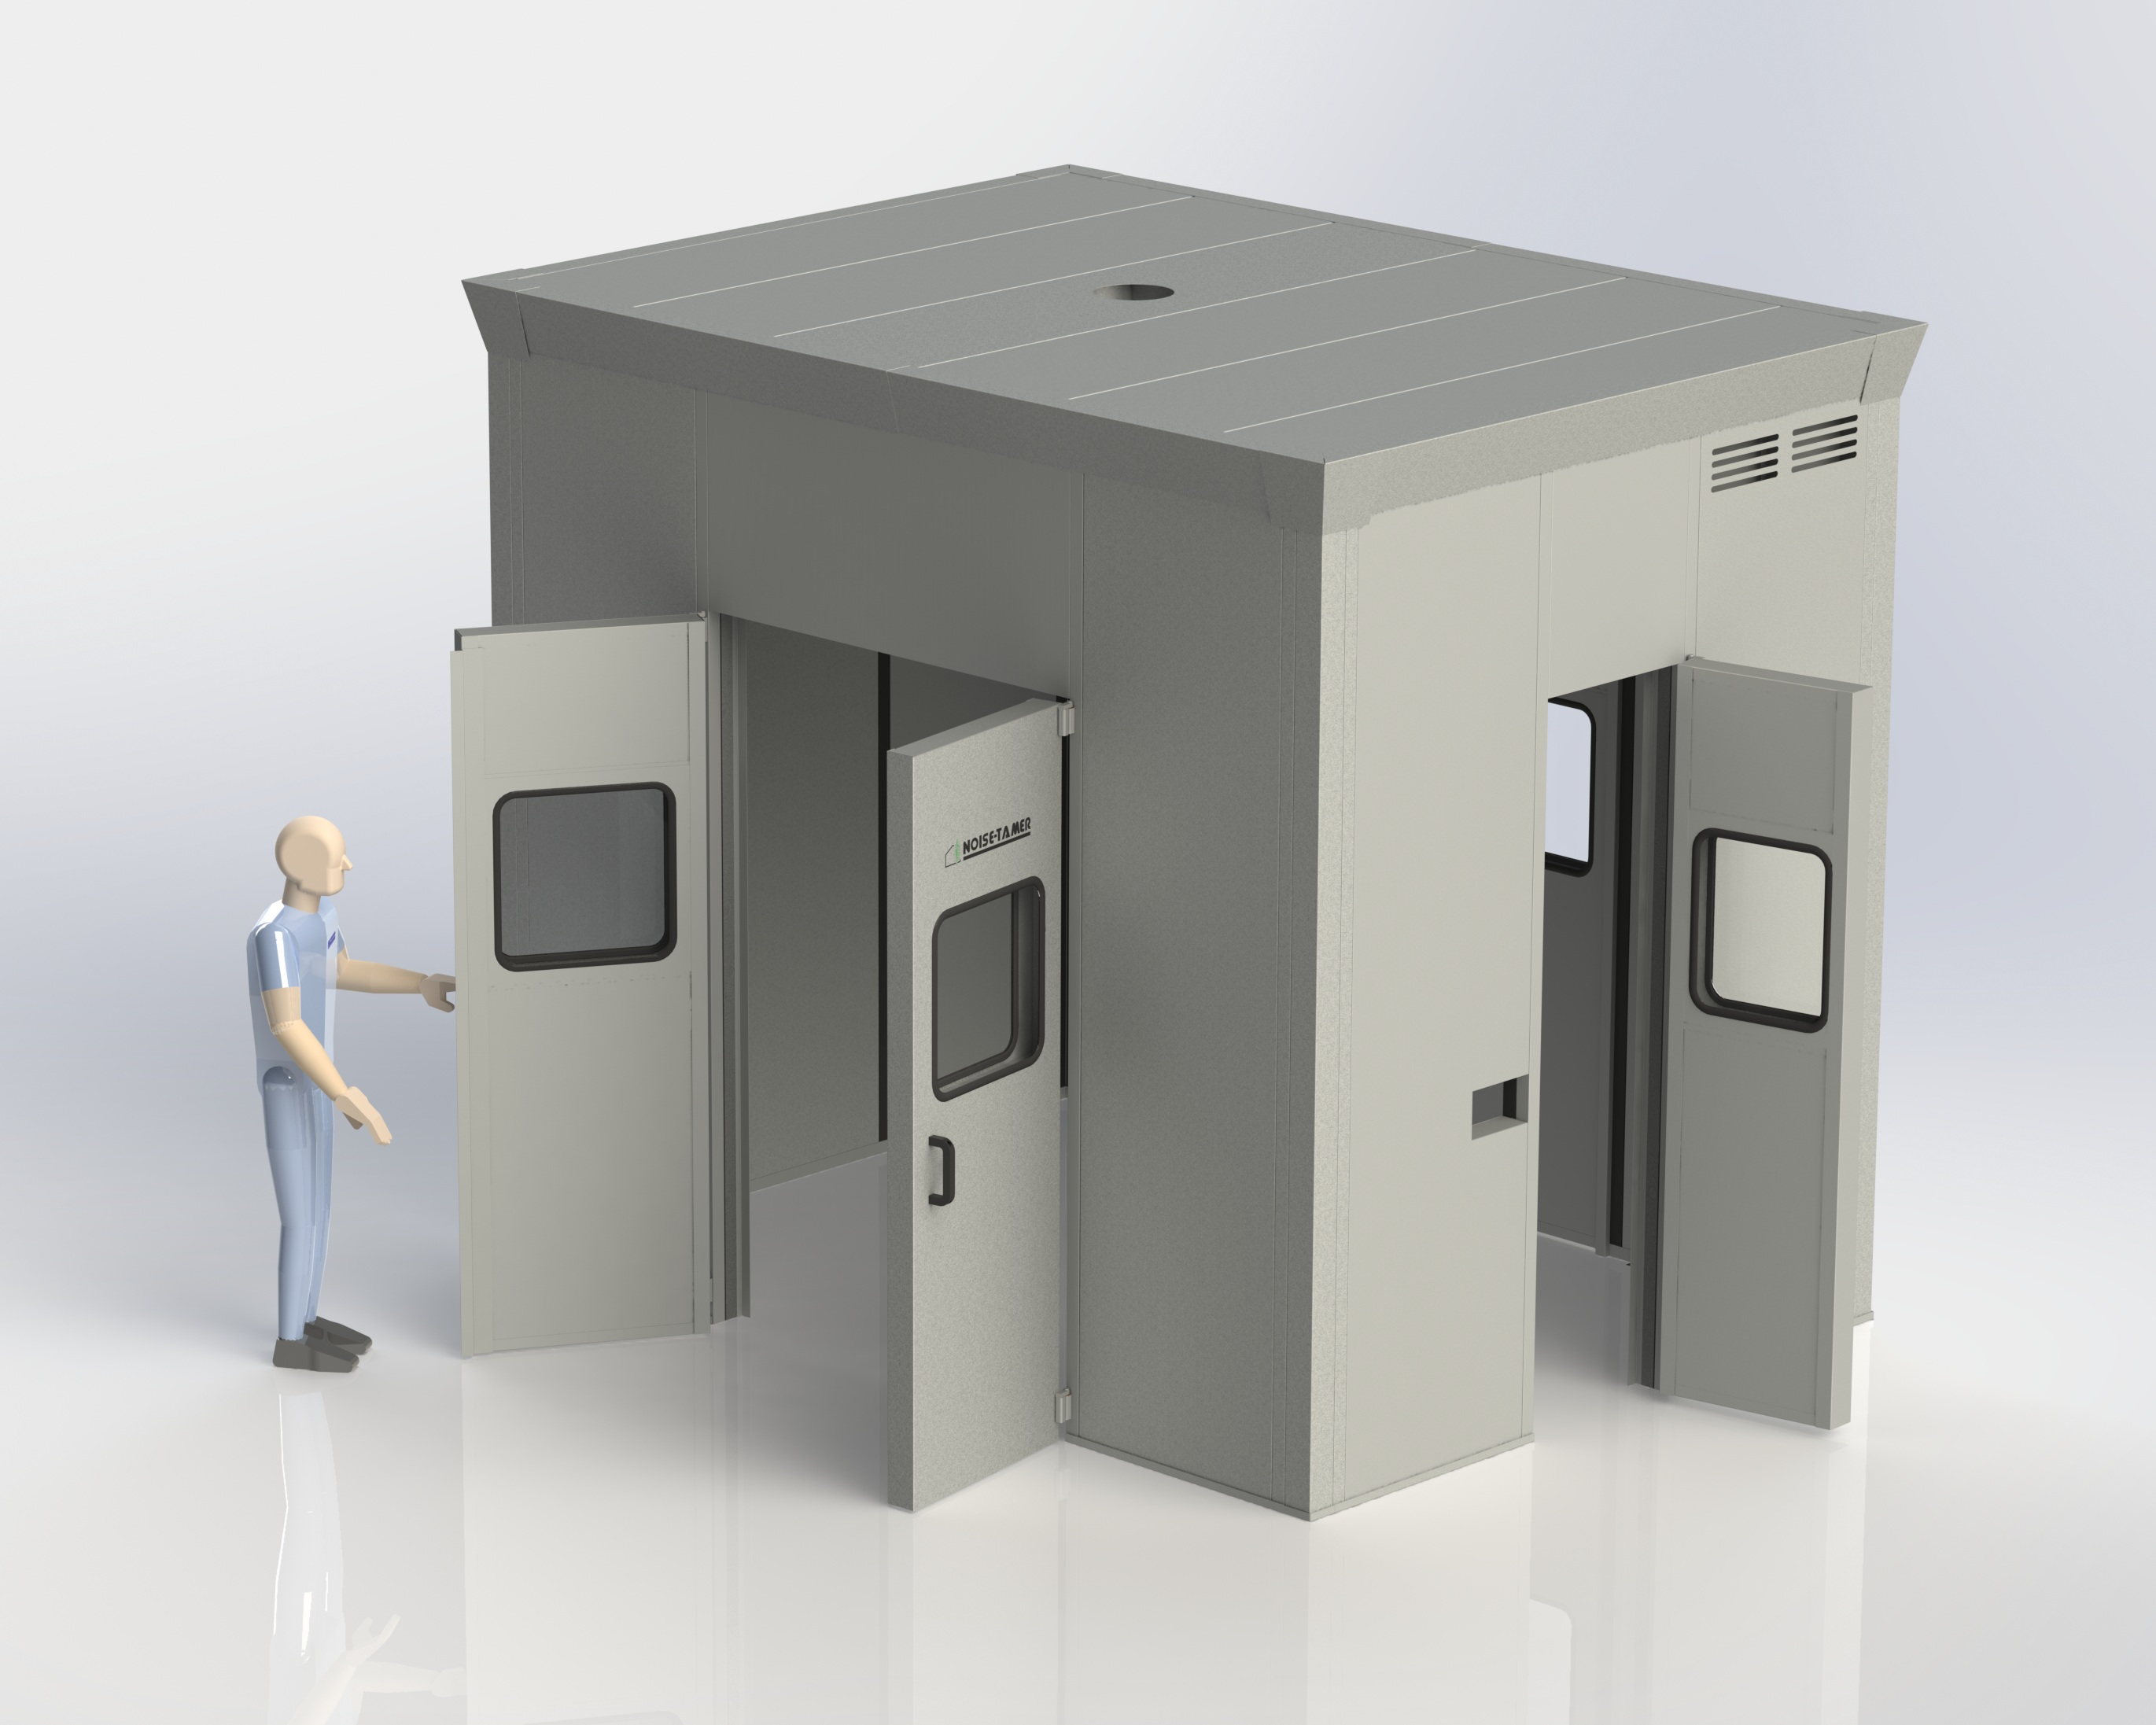 machine enclosure